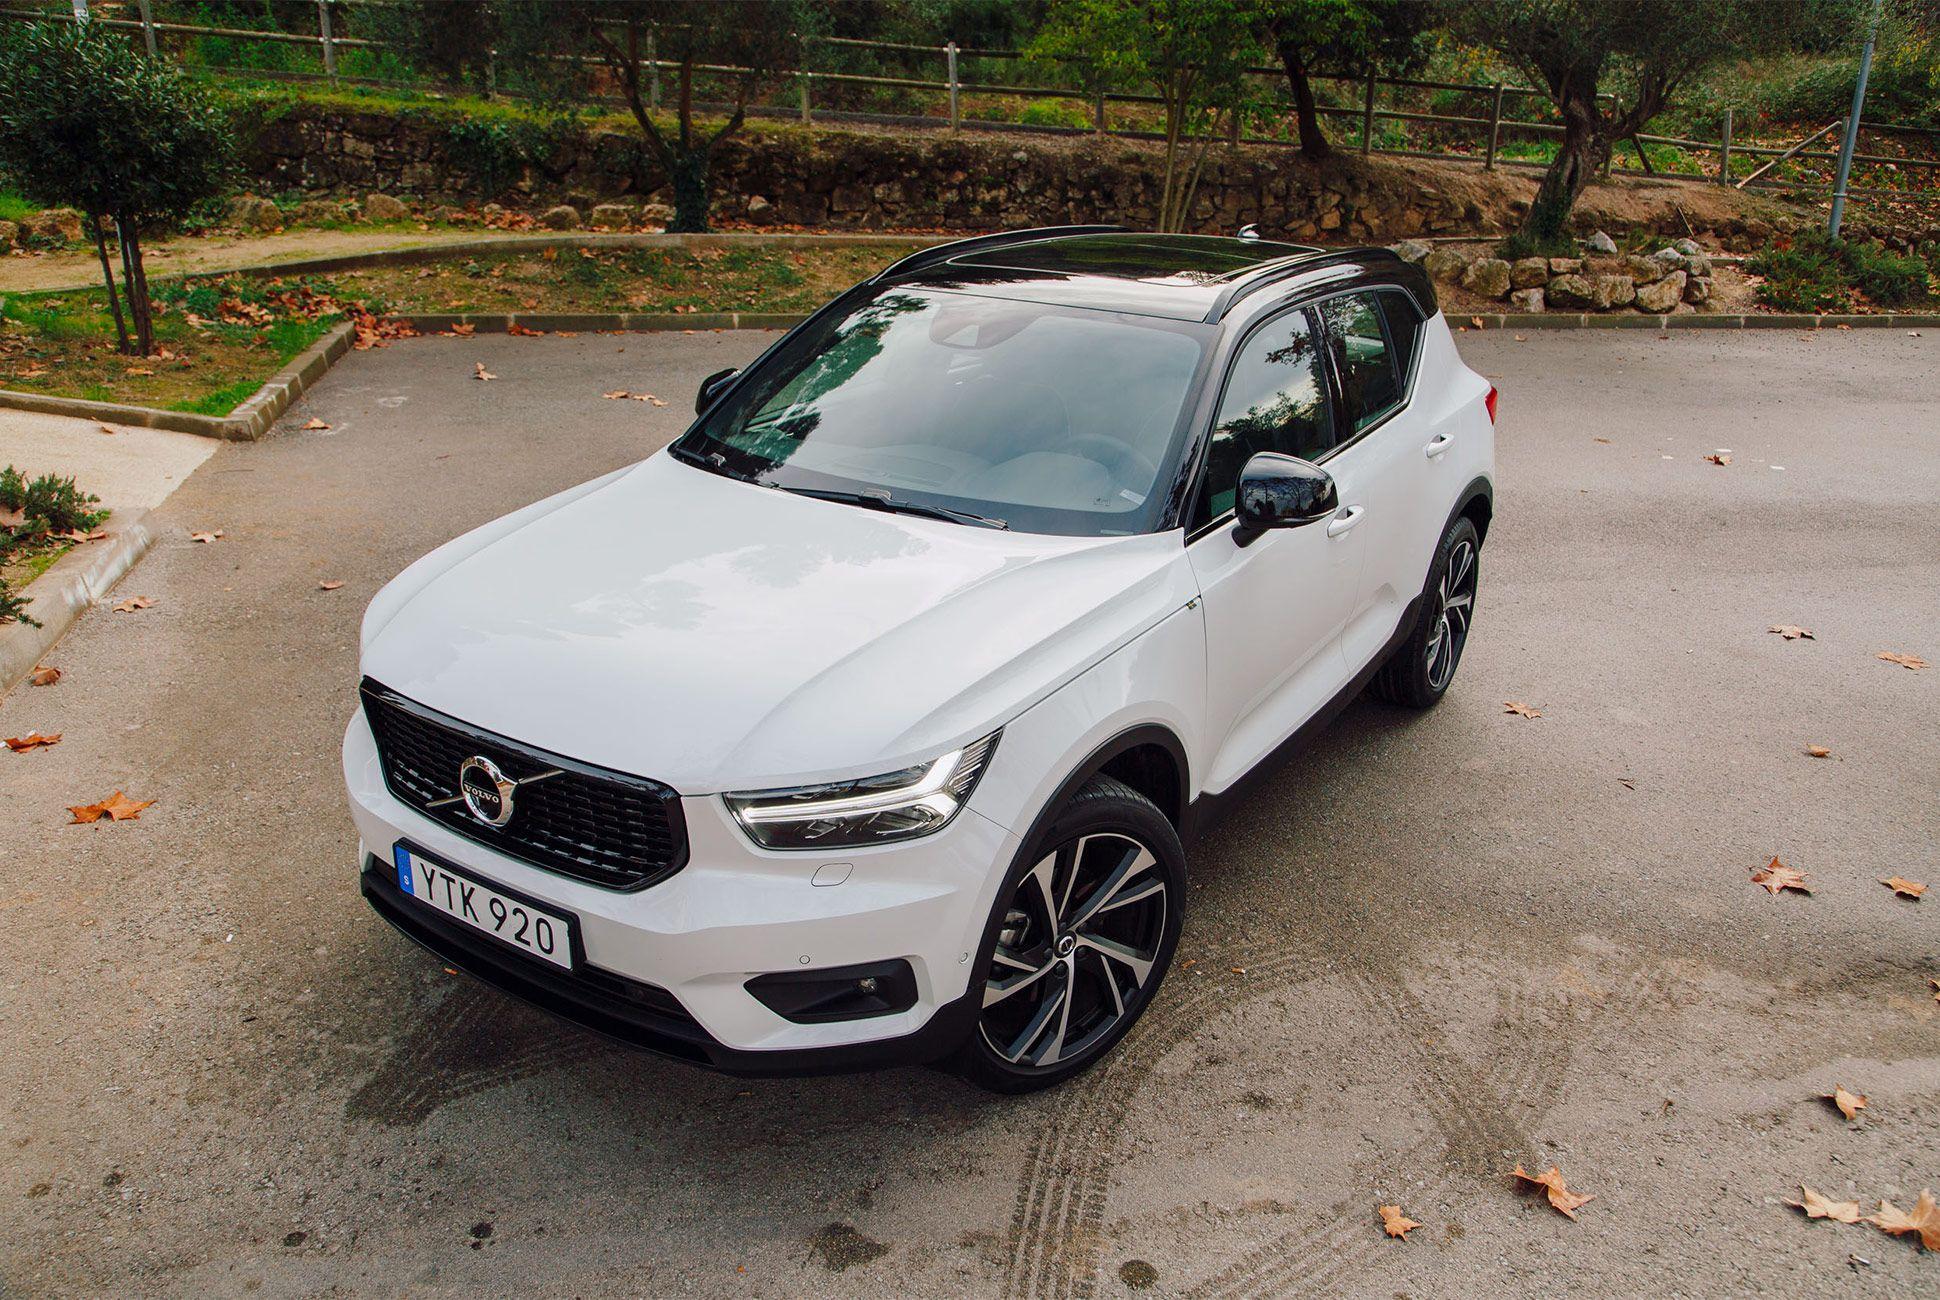 Volvo-XC40-Gear-Patrol04